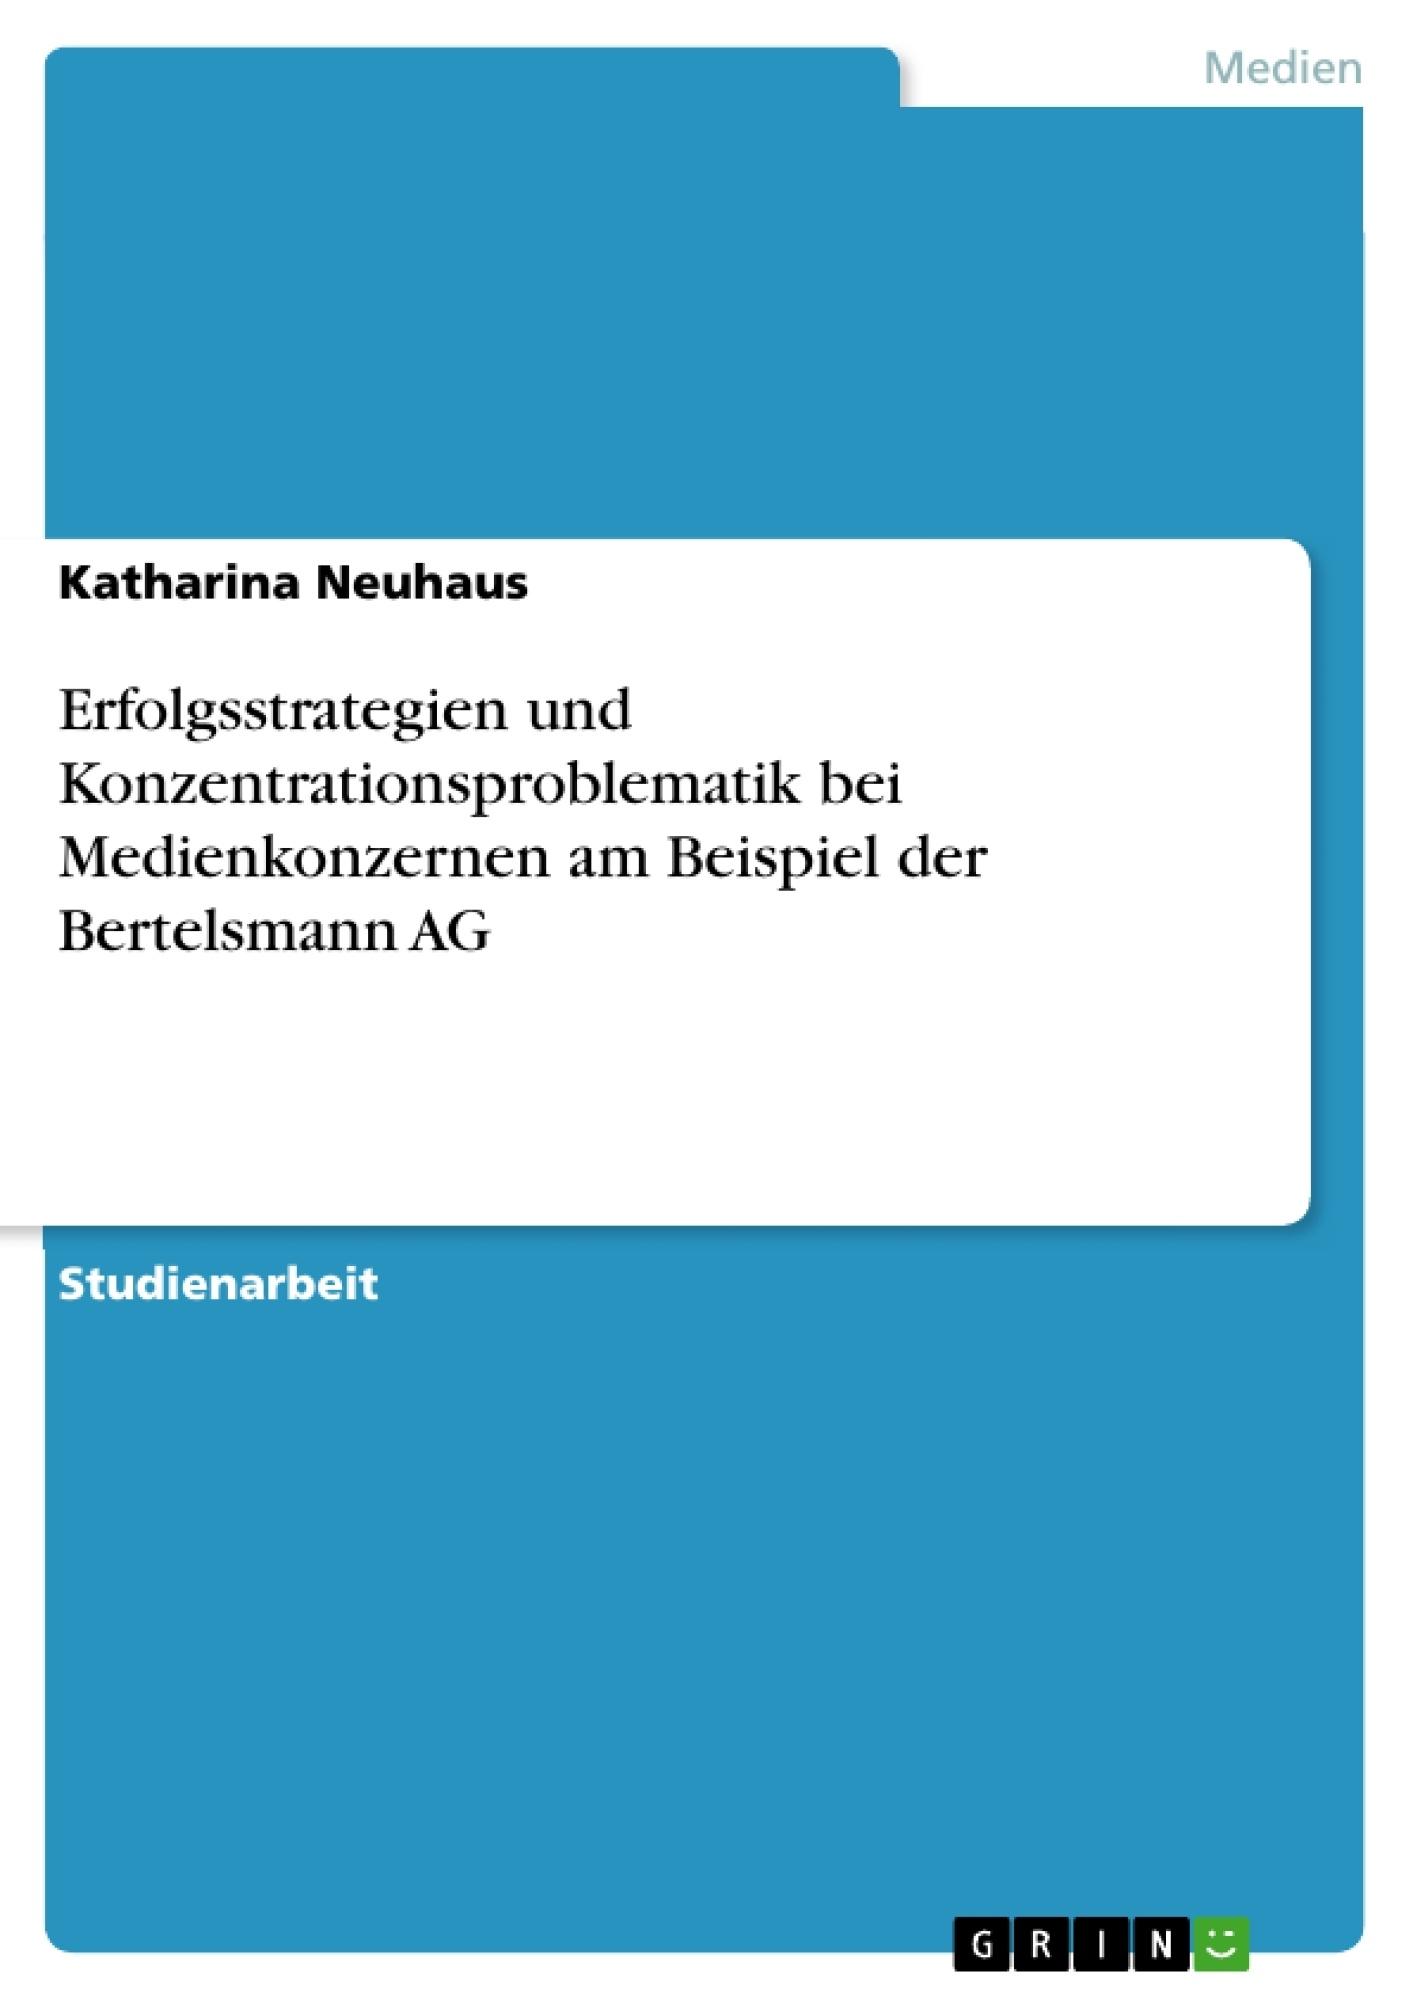 Titel: Erfolgsstrategien und Konzentrationsproblematik bei Medienkonzernen am Beispiel der Bertelsmann AG